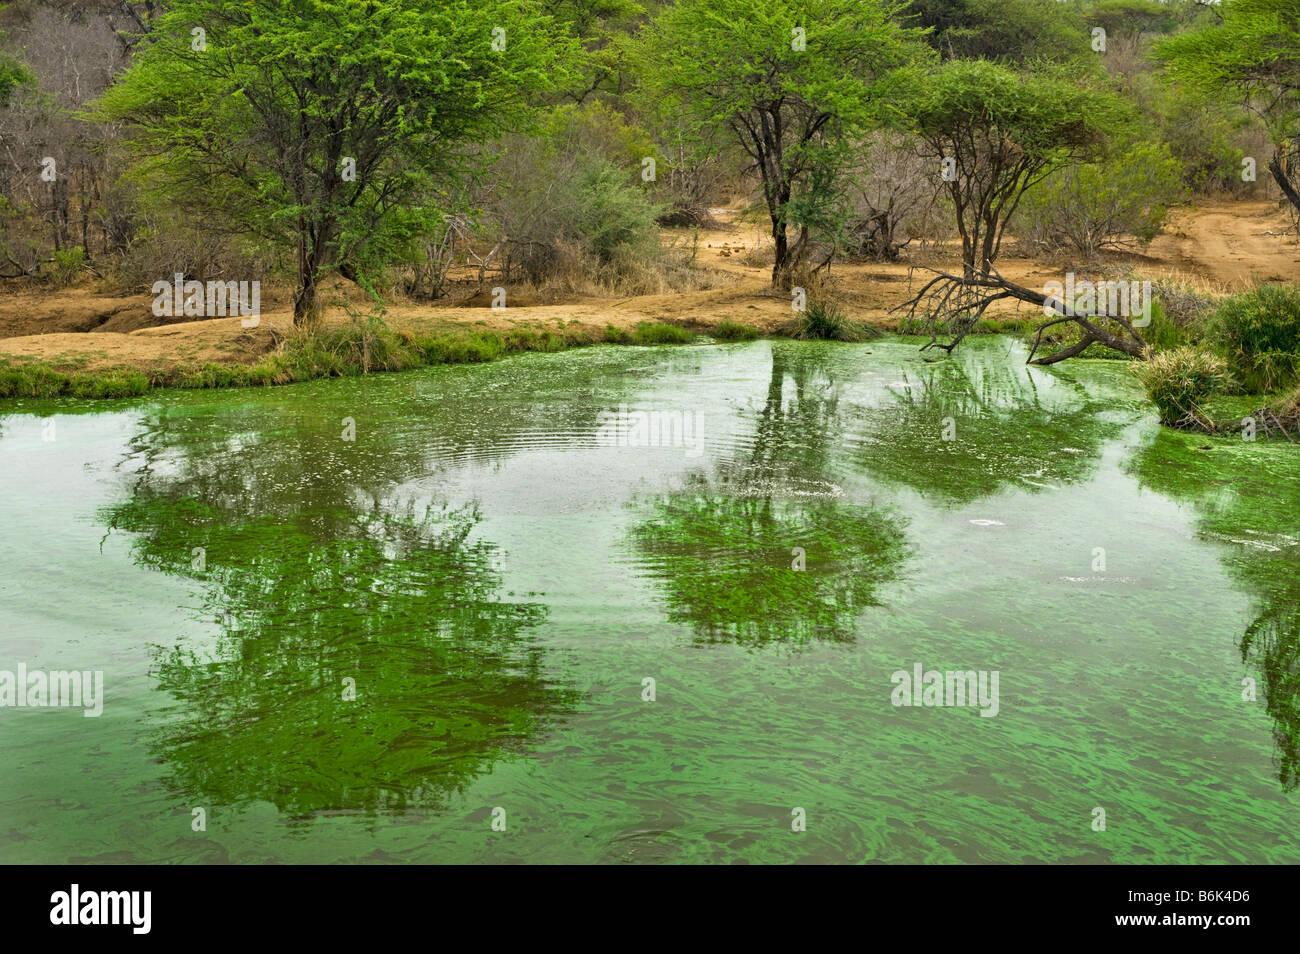 water hole bushland bush IMPALAs wildlife wild green water edge waterhole south-Afrika south africa landscape acacia - Stock Image